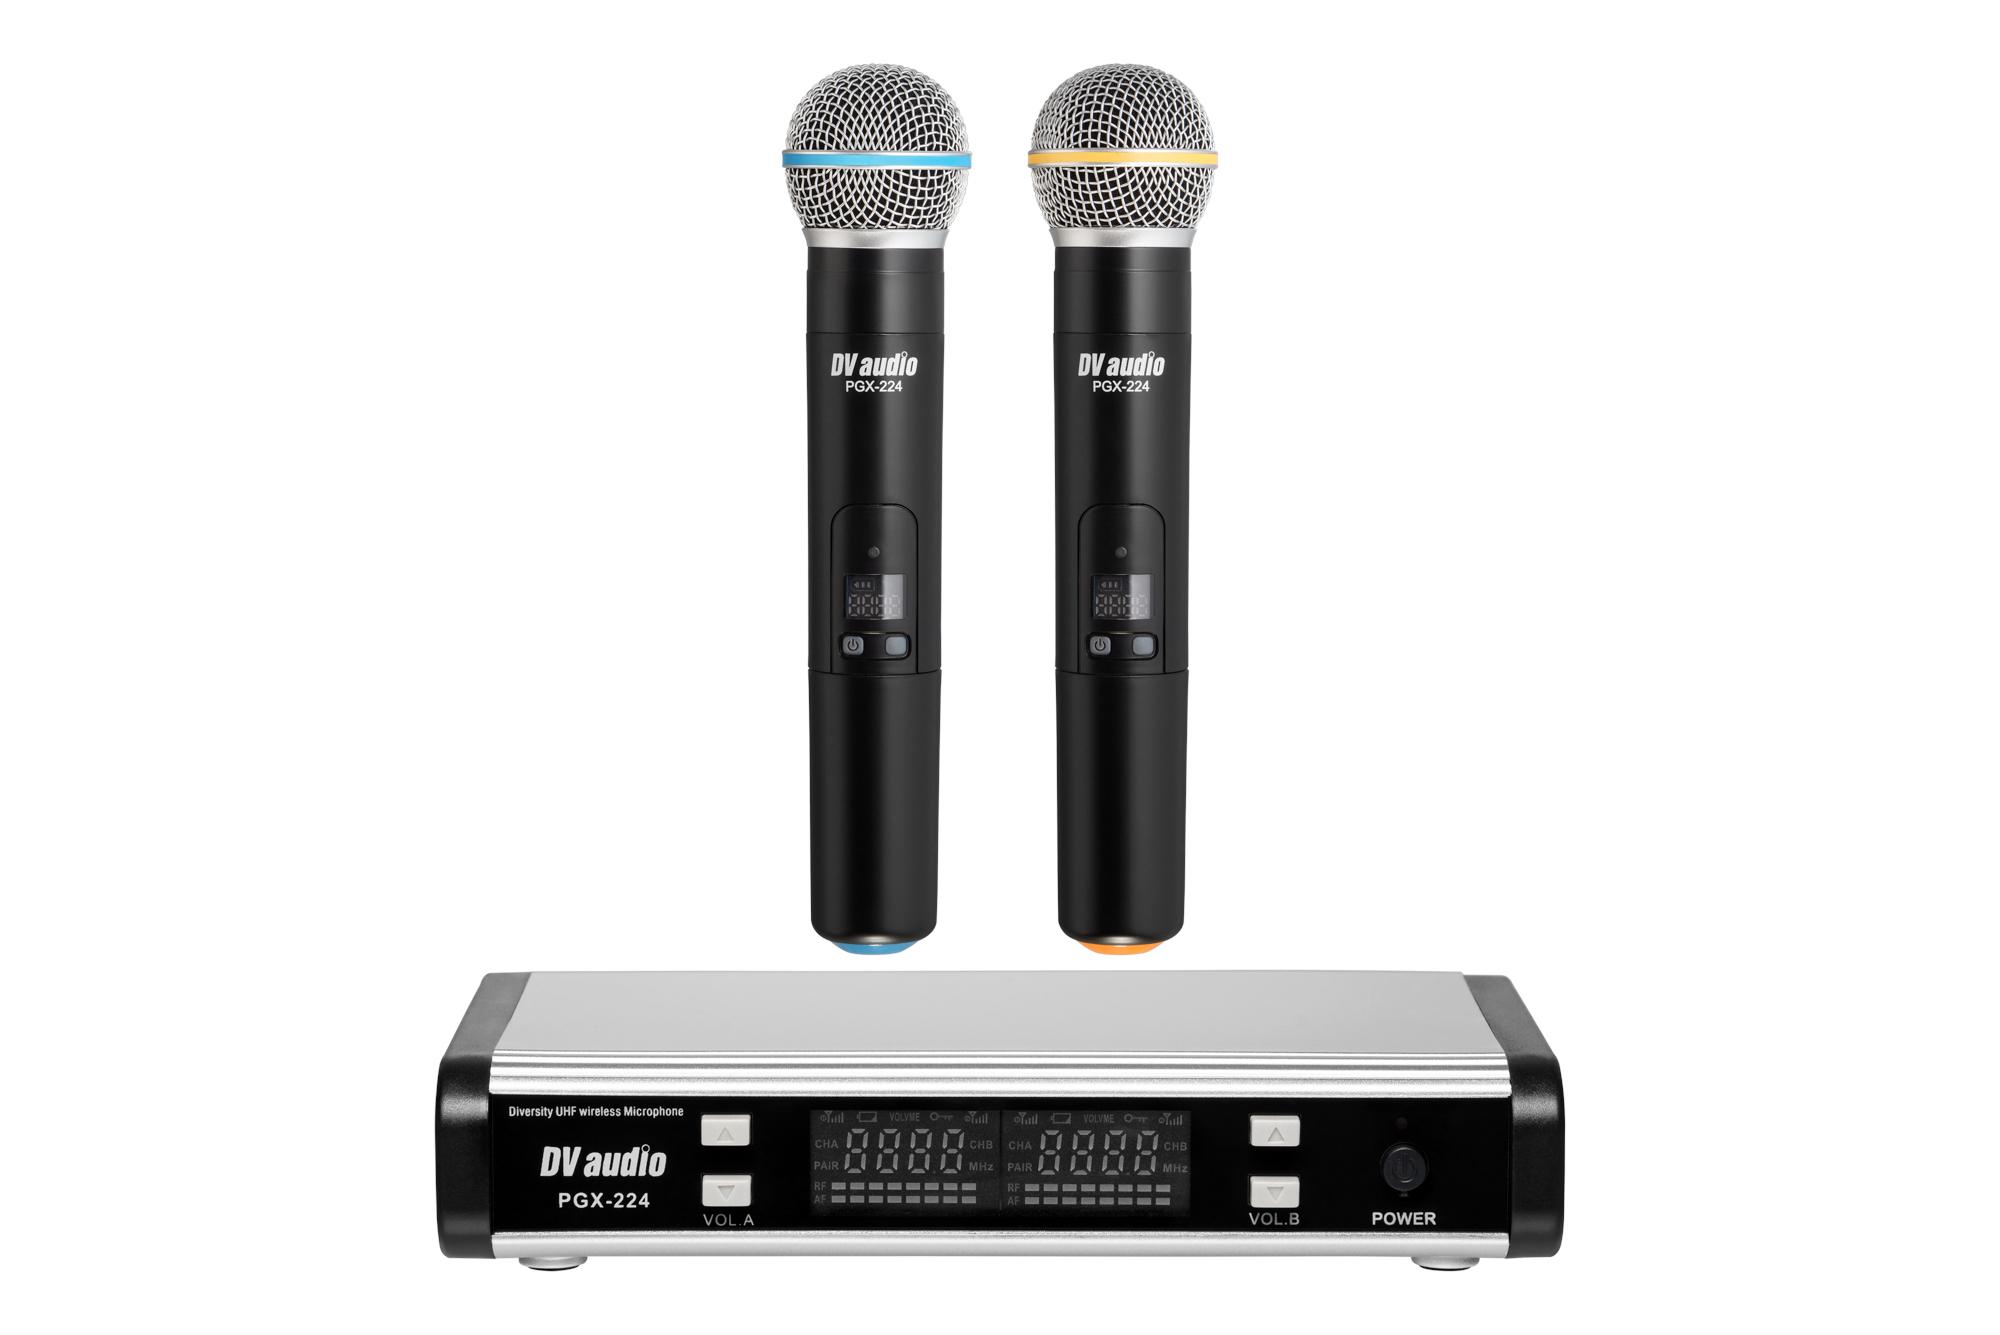 Радиомикрофон DV audio PGX-224 сдвоенный